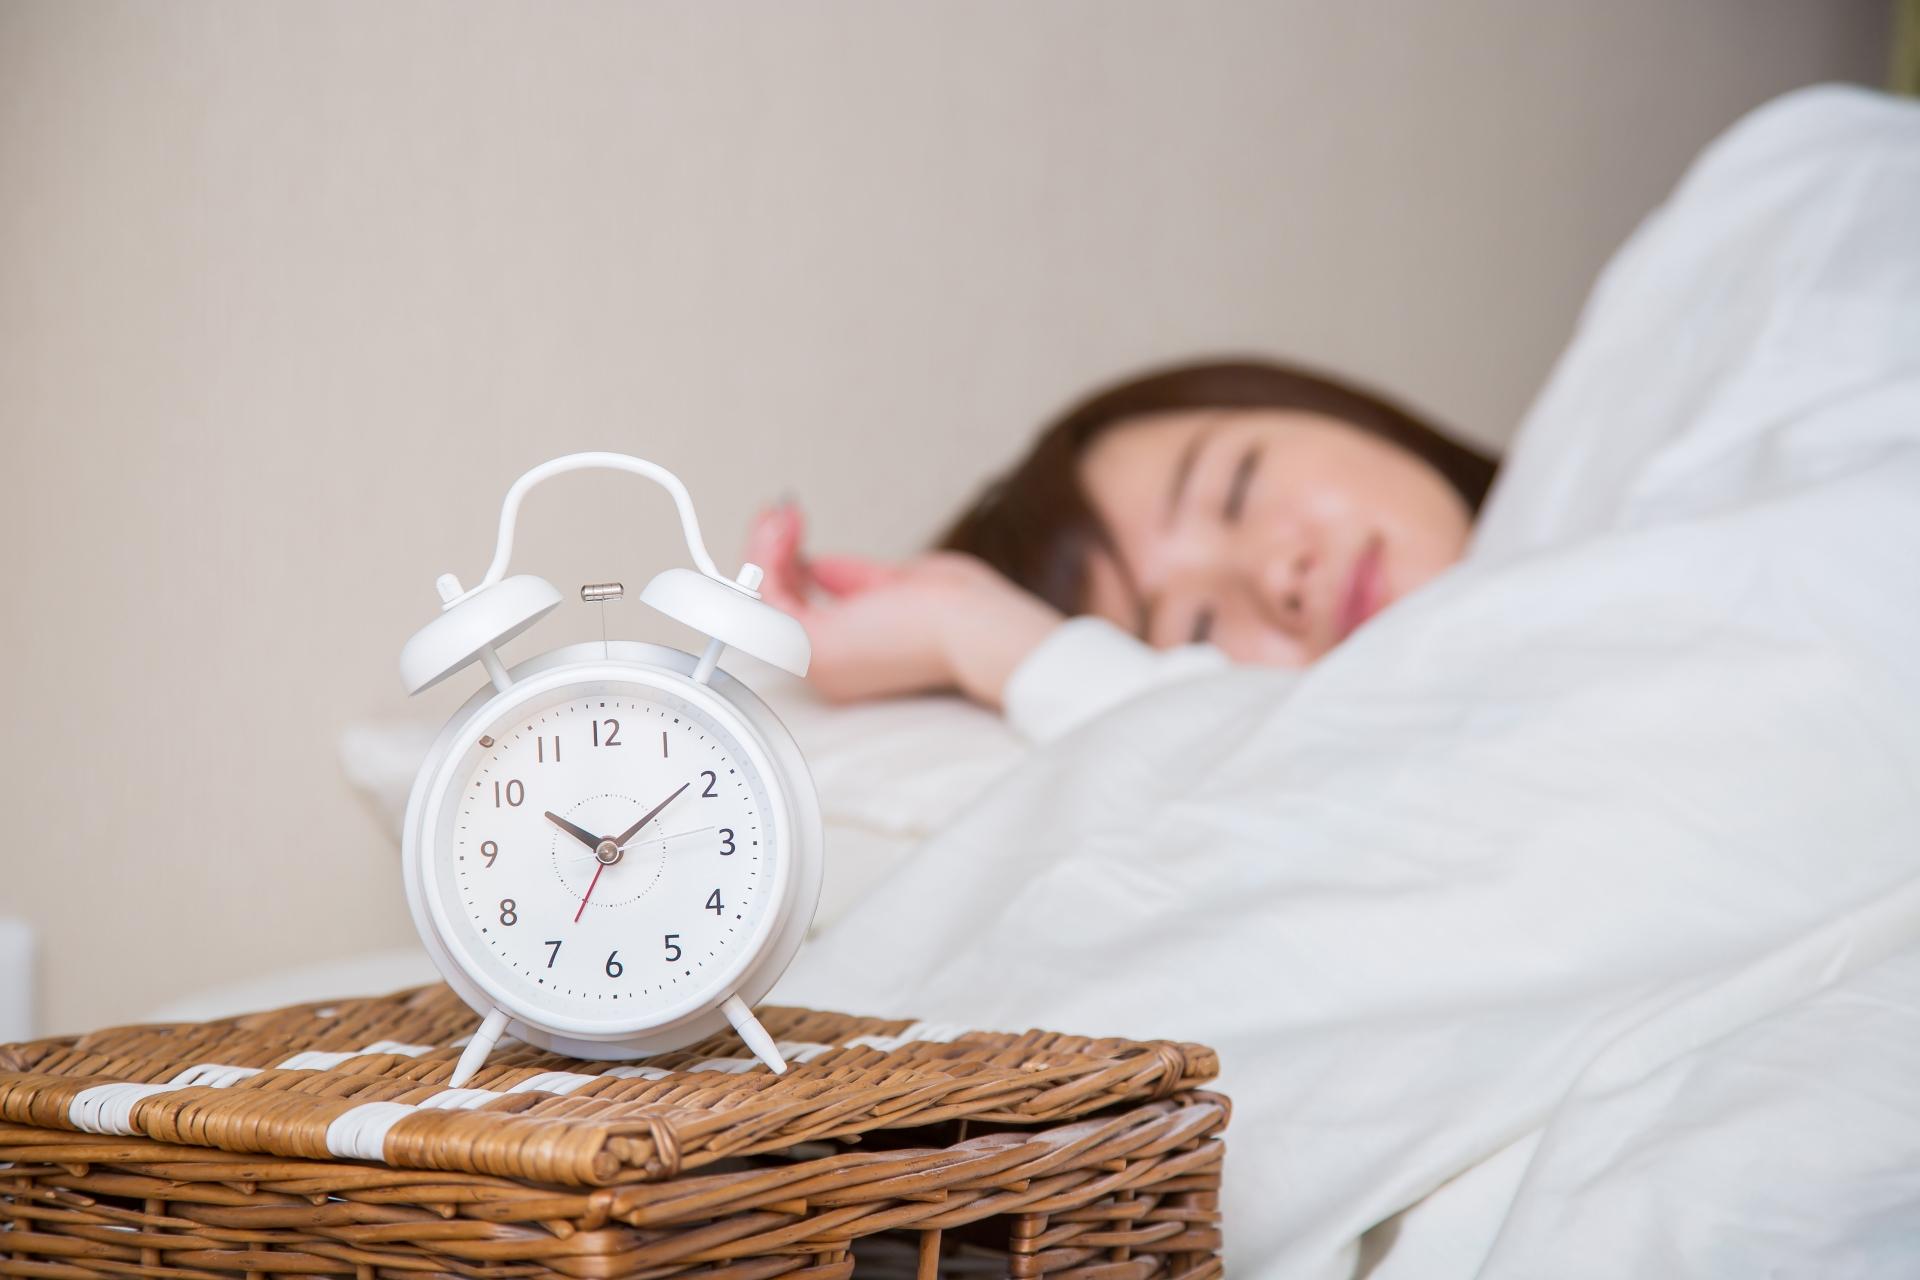 睡眠のリズム、ノンレム睡眠とレム睡眠